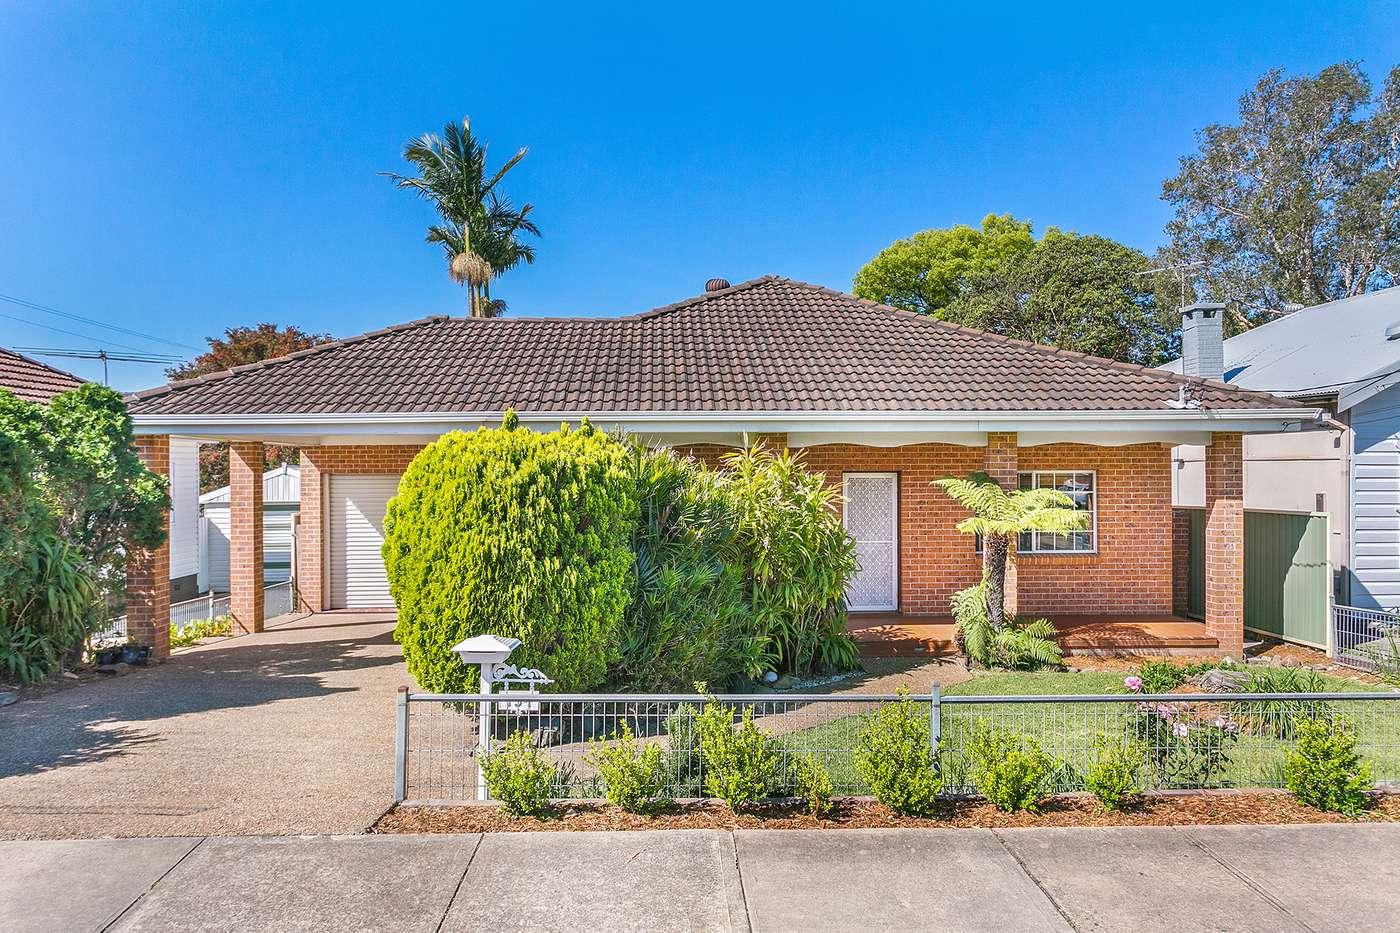 Main view of Homely house listing, 134 Bassett St, Hurstville, NSW 2220